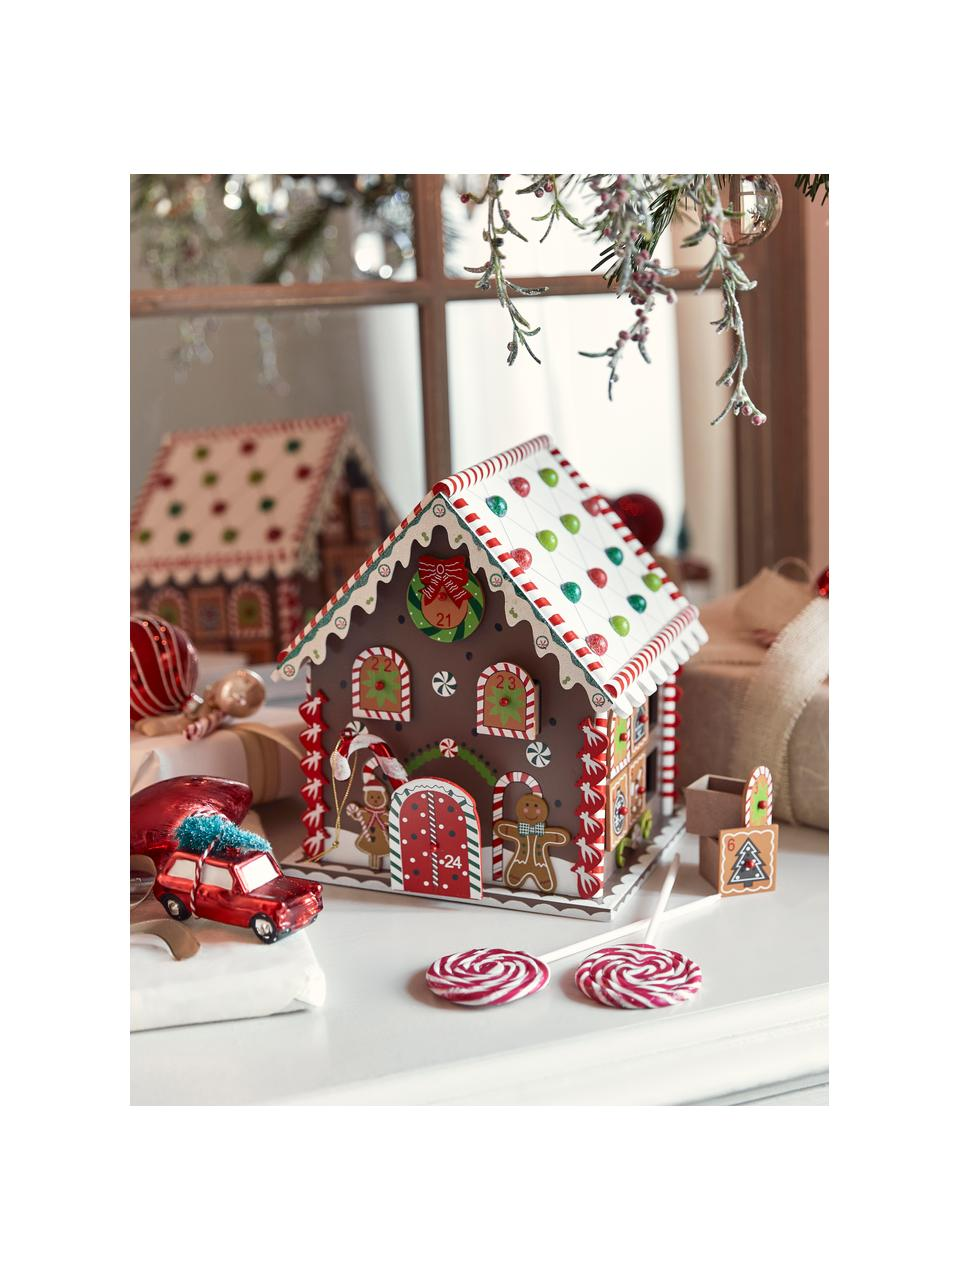 Adventskalender House zum Befüllen H 27 cm, Mitteldichte Holzfaserplatte, beschichtet, Braun, Mehrfarbig, 23 x 27 cm